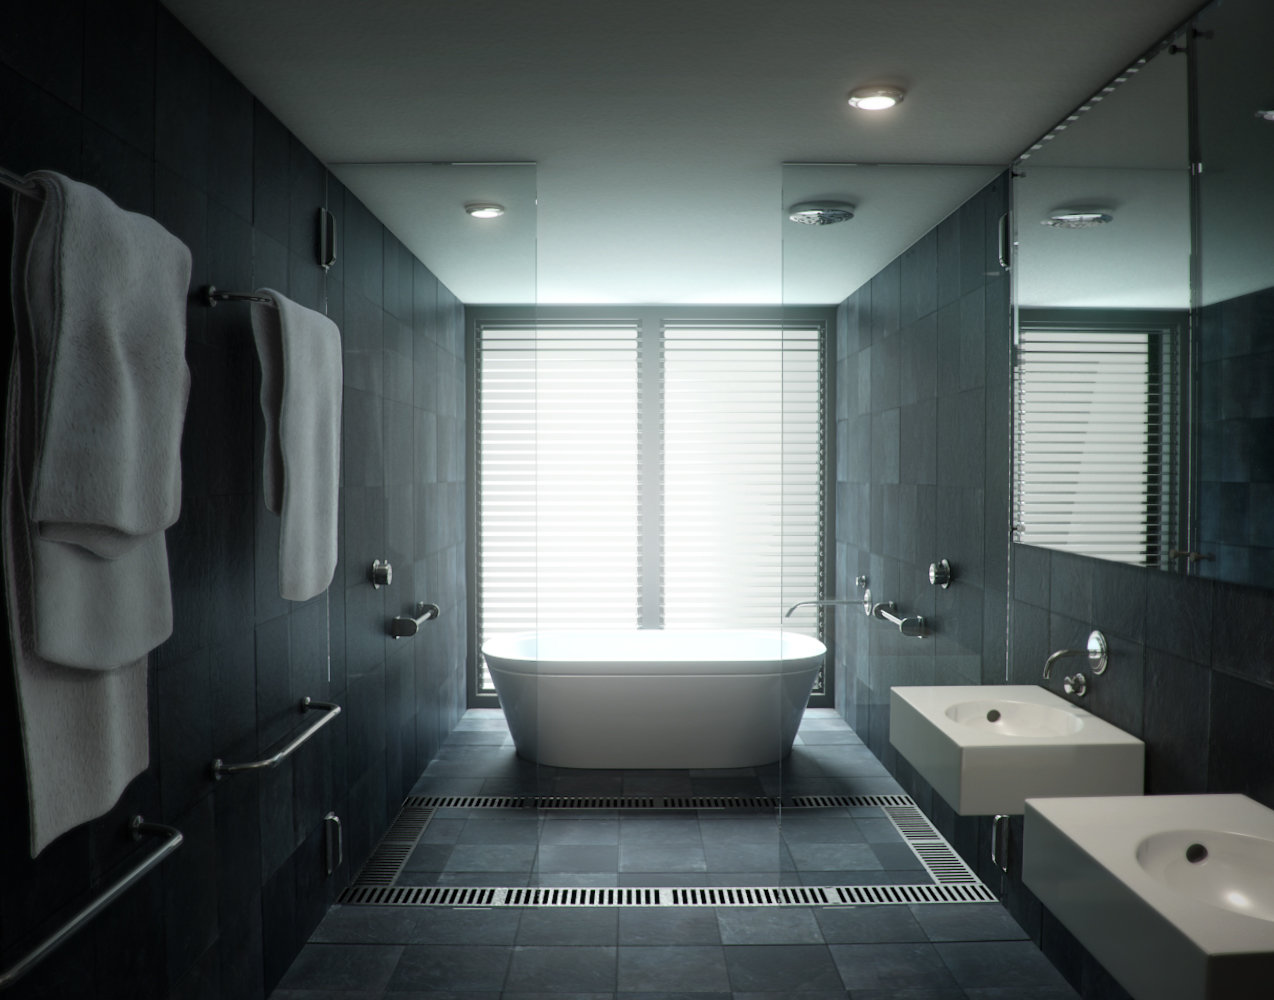 Bathroom Arch Vis